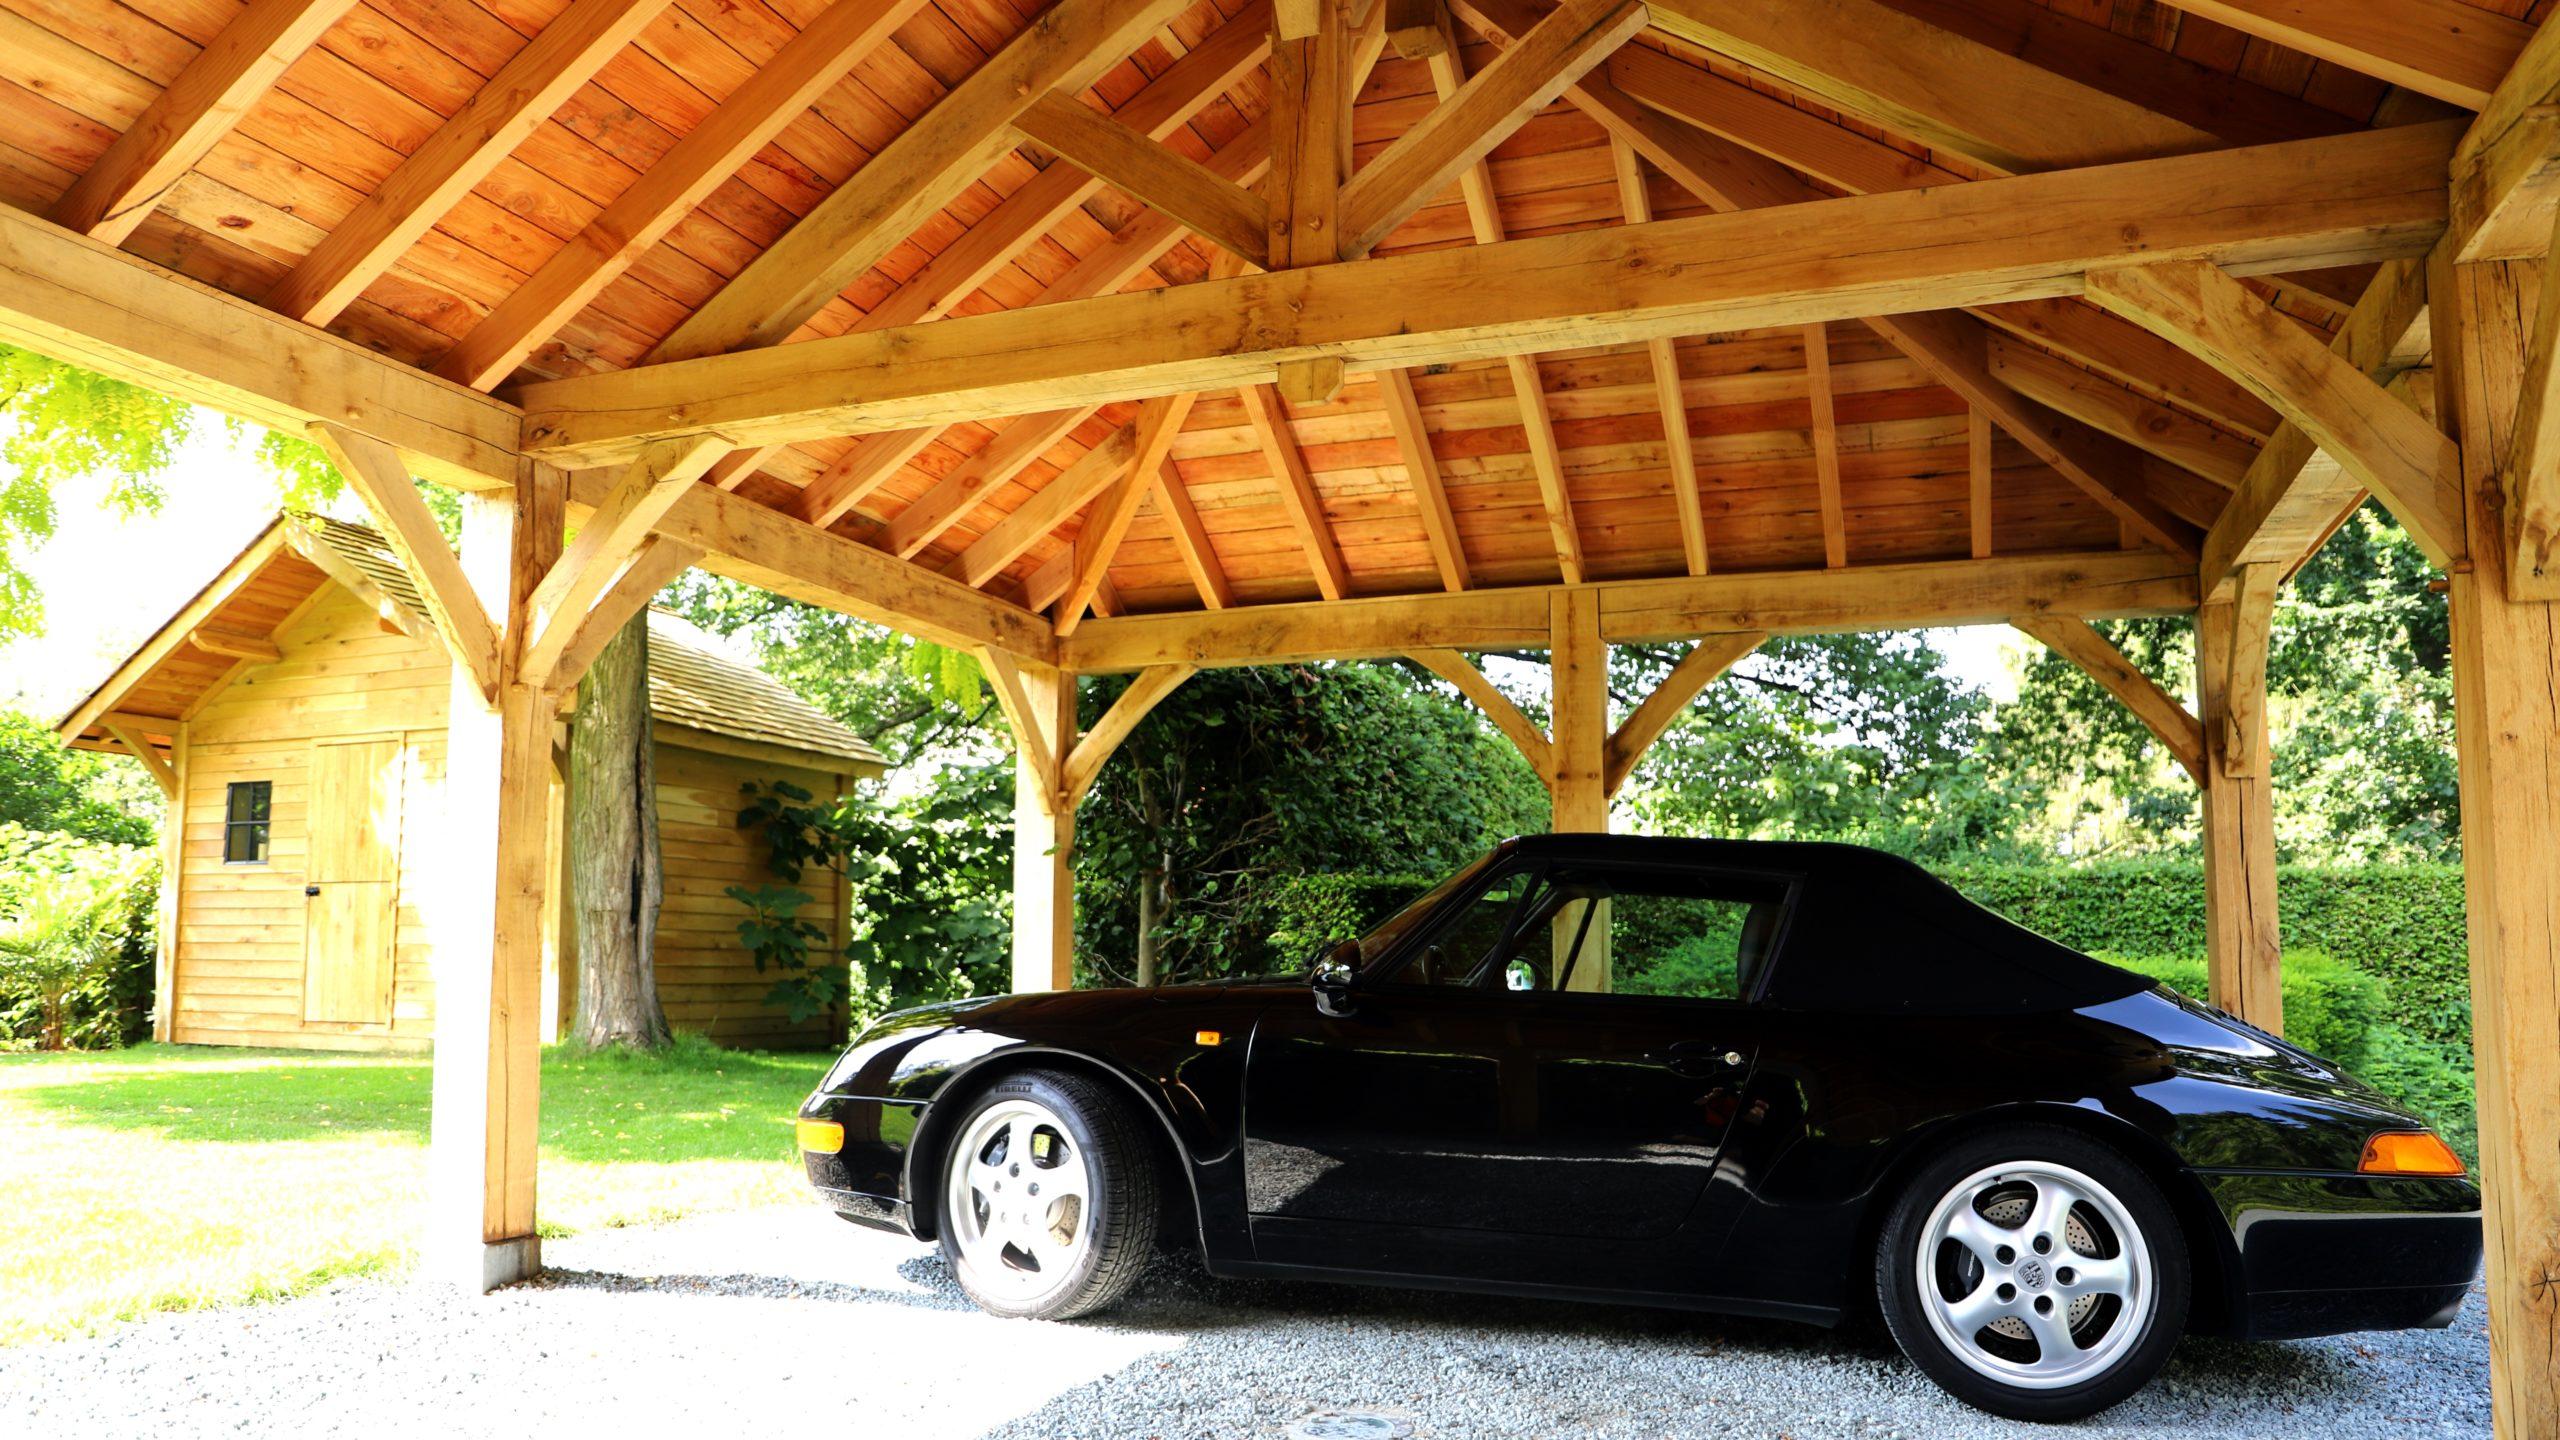 Carport et abri de jardin en bois sur mesure extérieur